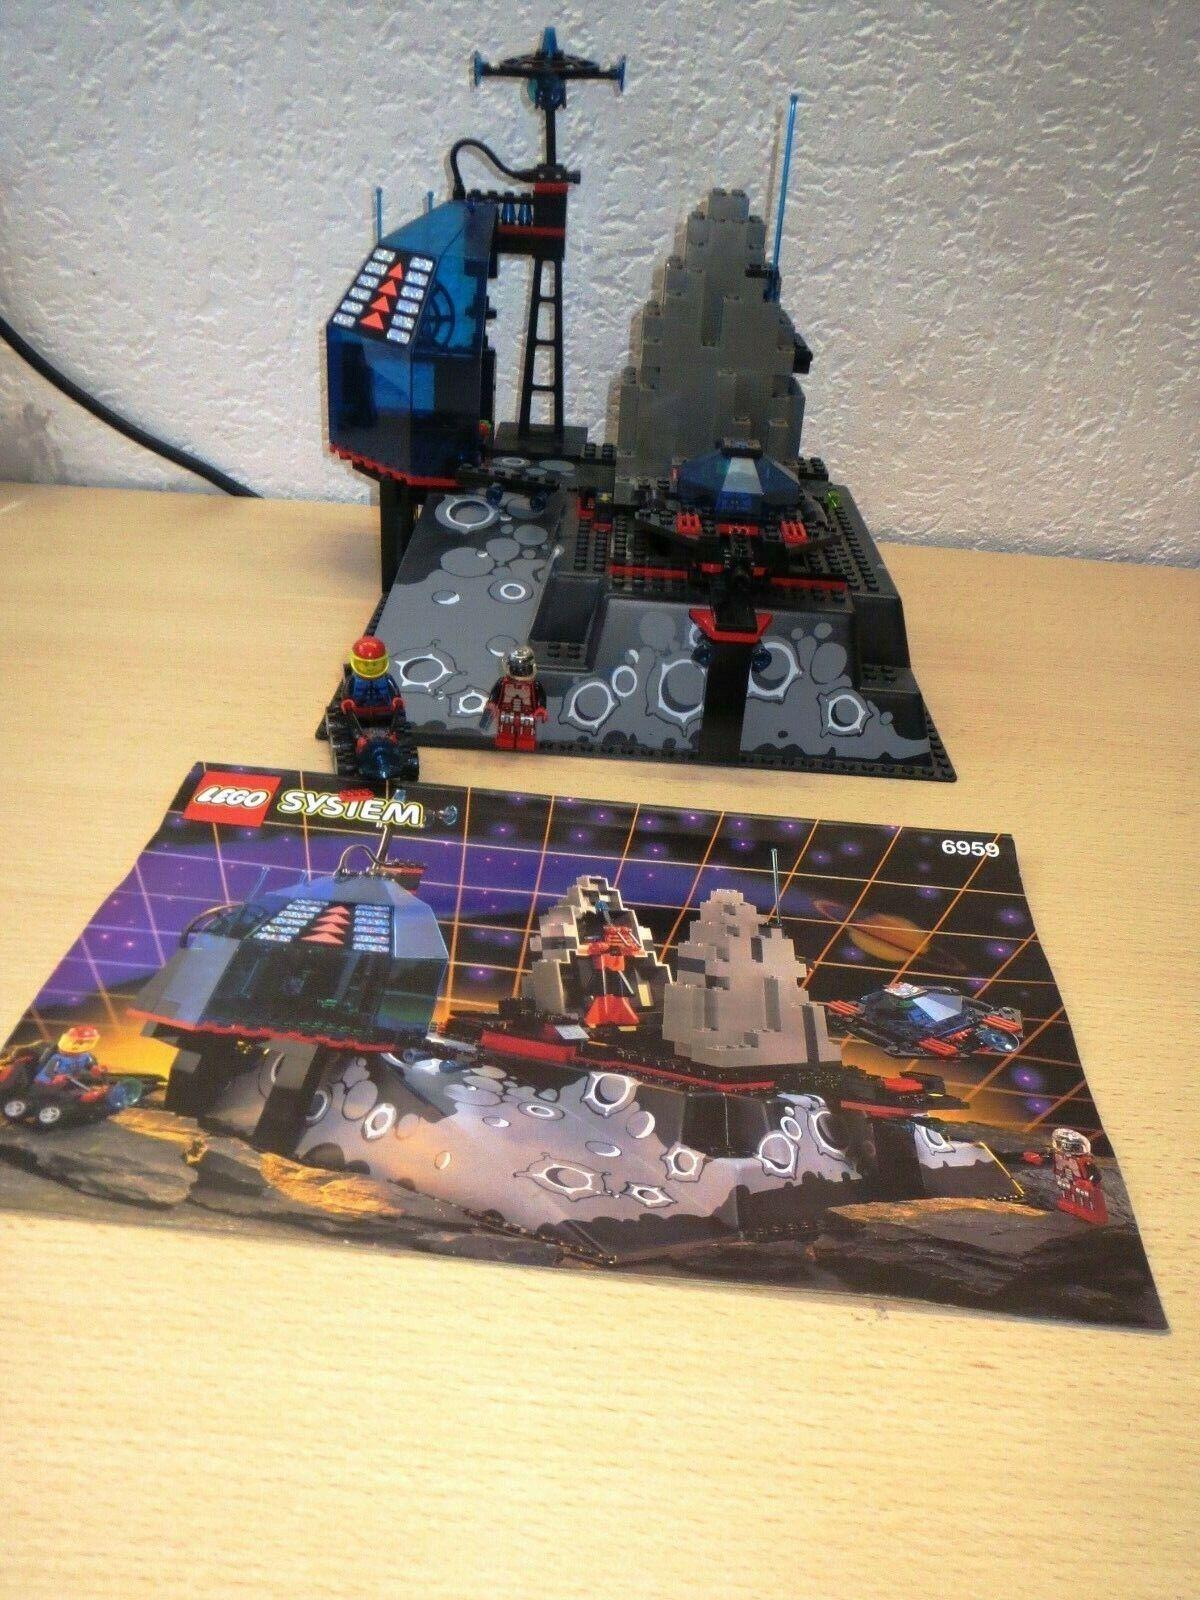 Lego Bausatz  6959 Raumstation  Spyrius  mit Bauanleitung